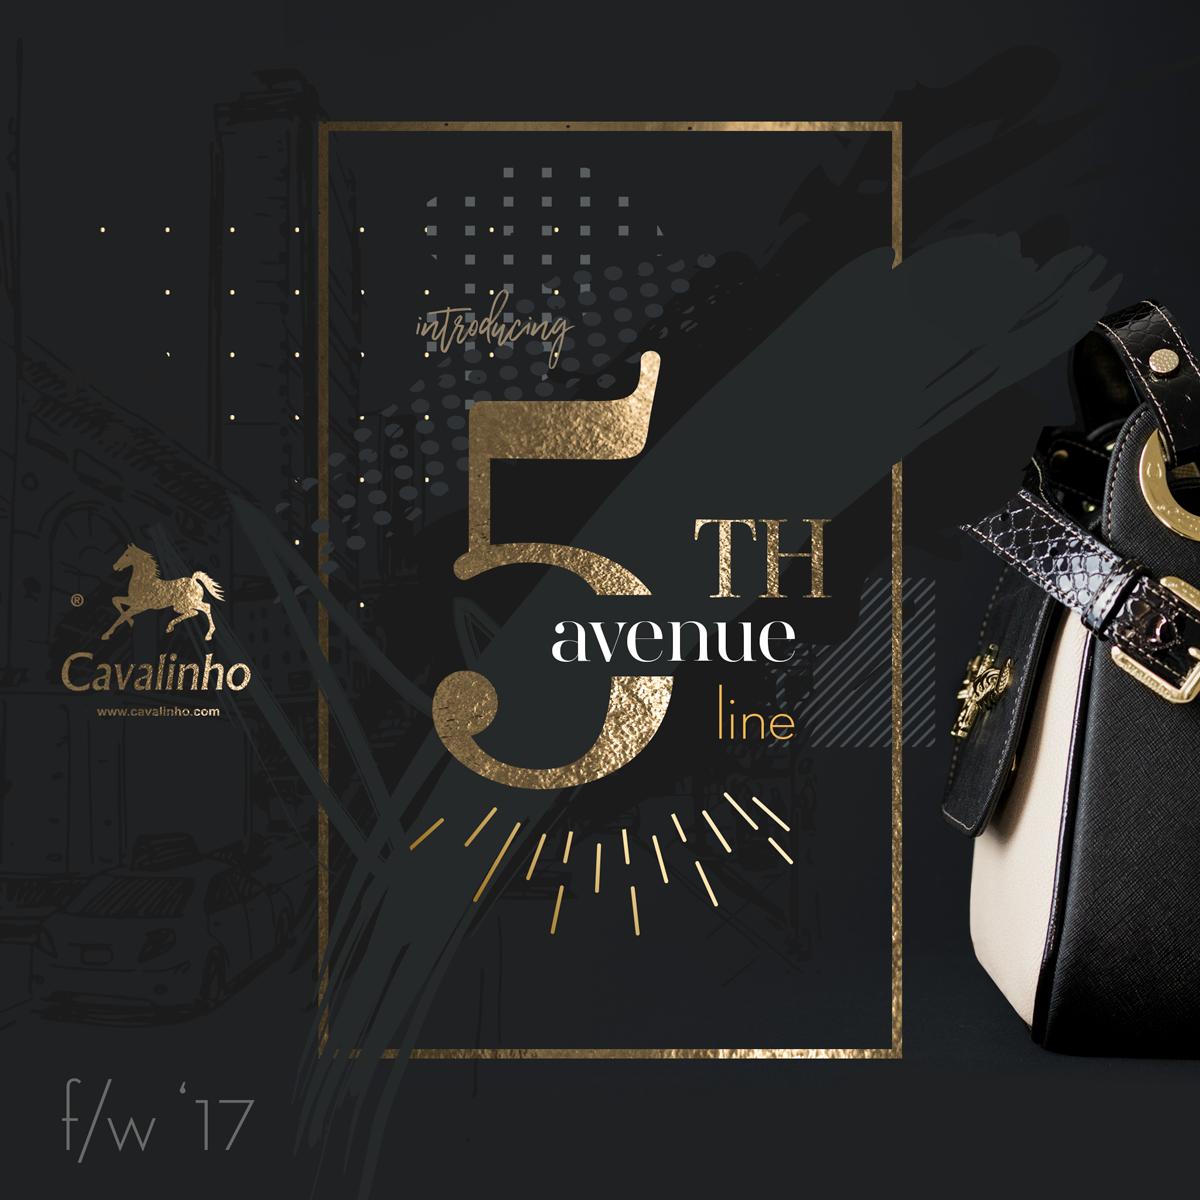 Nova Coleção Outono/Inverno 2017 Cavalinho - 5th Avenue Line